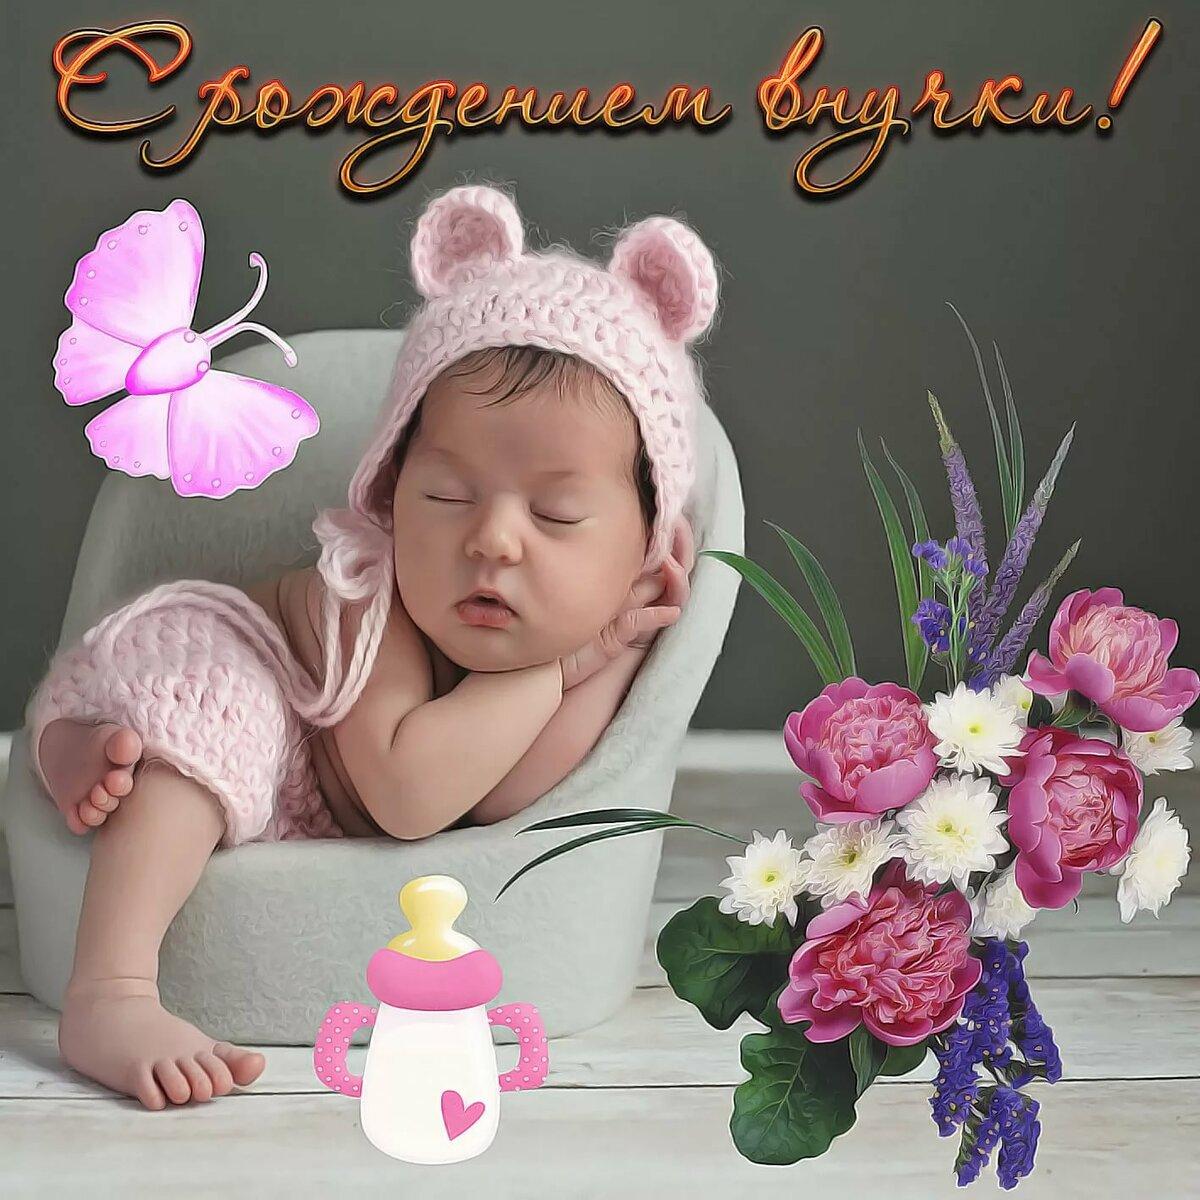 Открытка, с днем рождения внучки для бабушки прикольные картинки